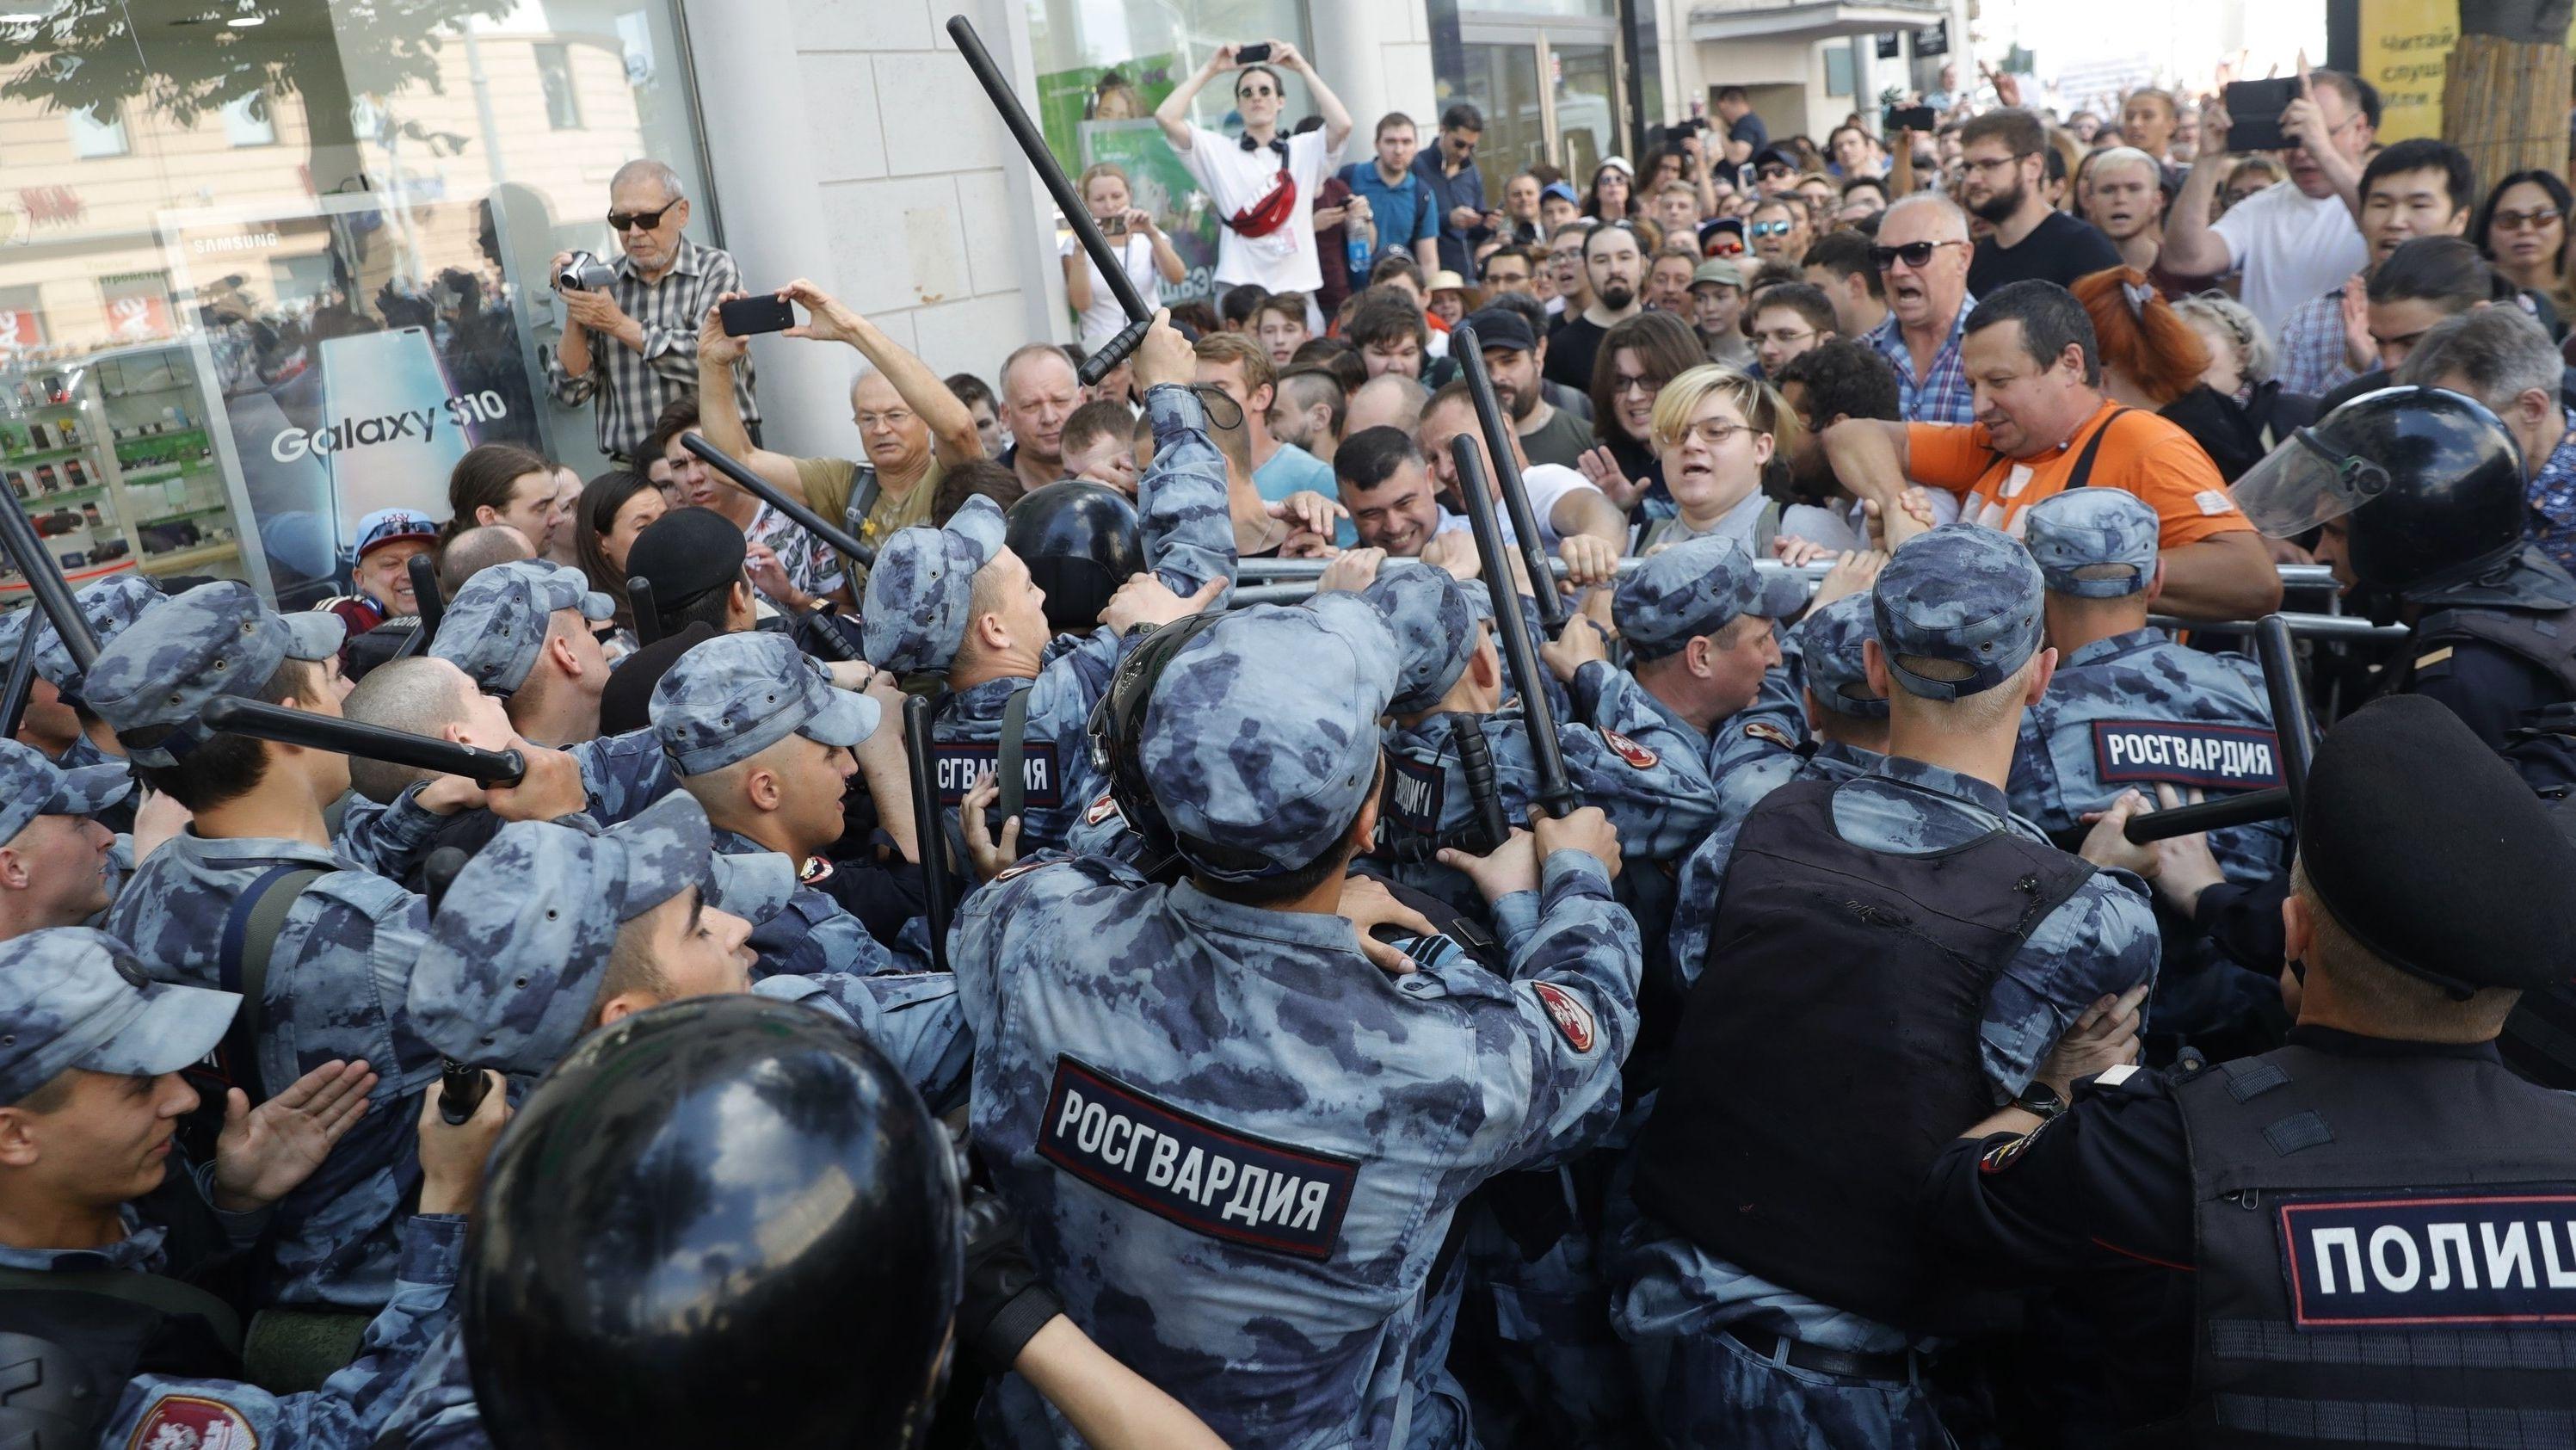 Demonstranten geraten mit der Polizei während einer nicht genehmigten Kundgebung im Zentrum von Moskau aneinander.